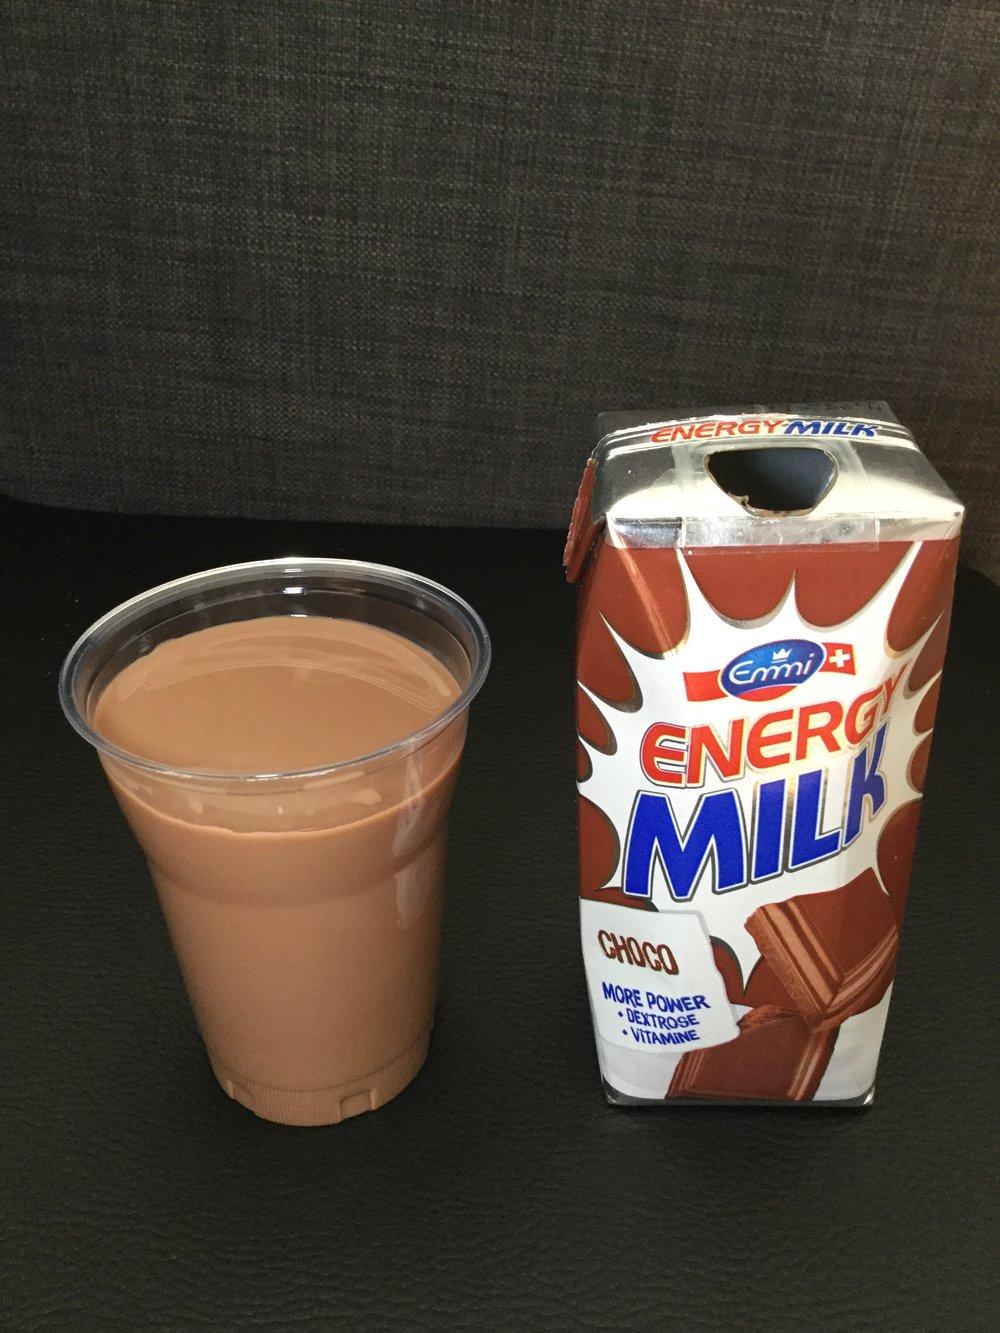 Emmi Energy Milk Choco Cup